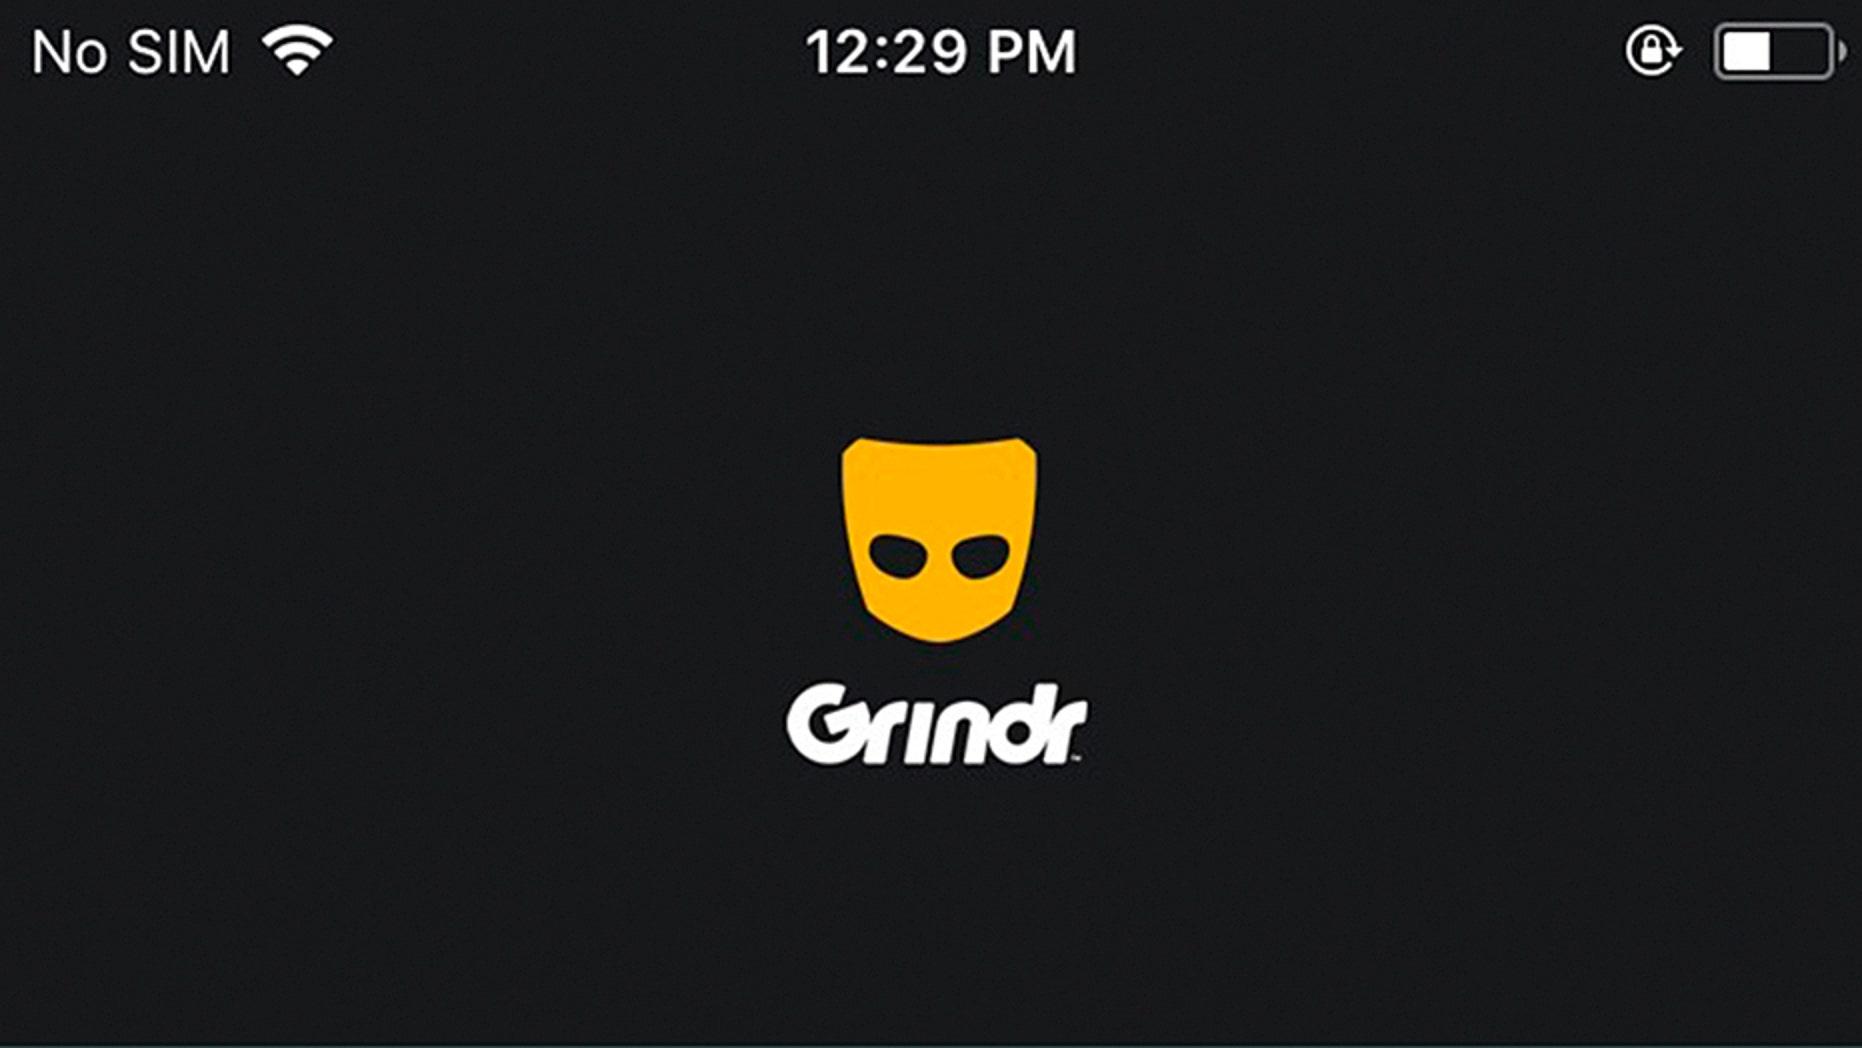 Dating app Grindr Monica och Chandler första krok upp